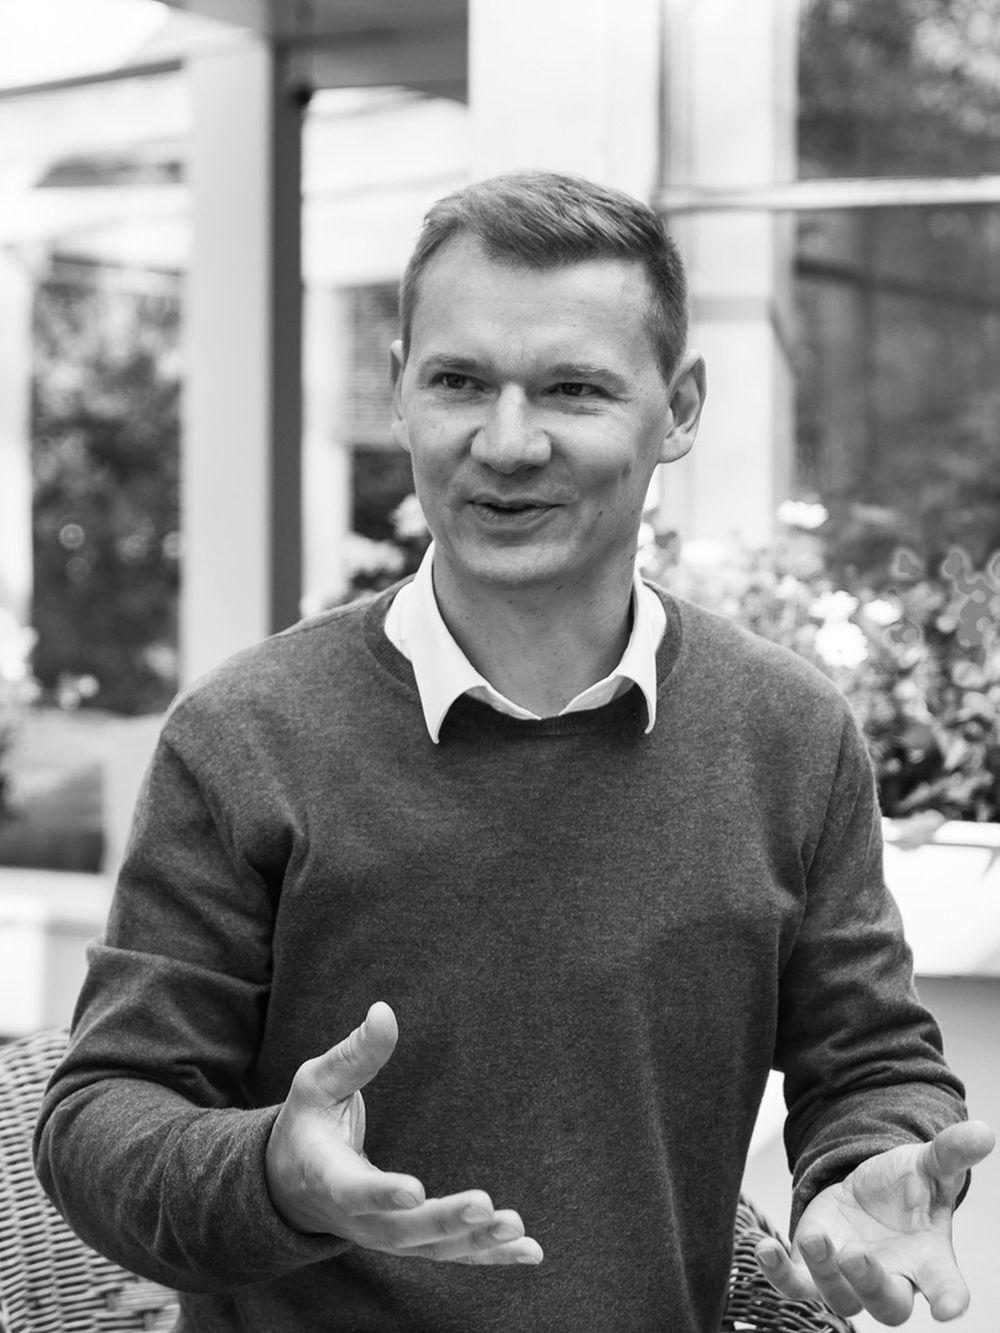 Stefan Mahlberg